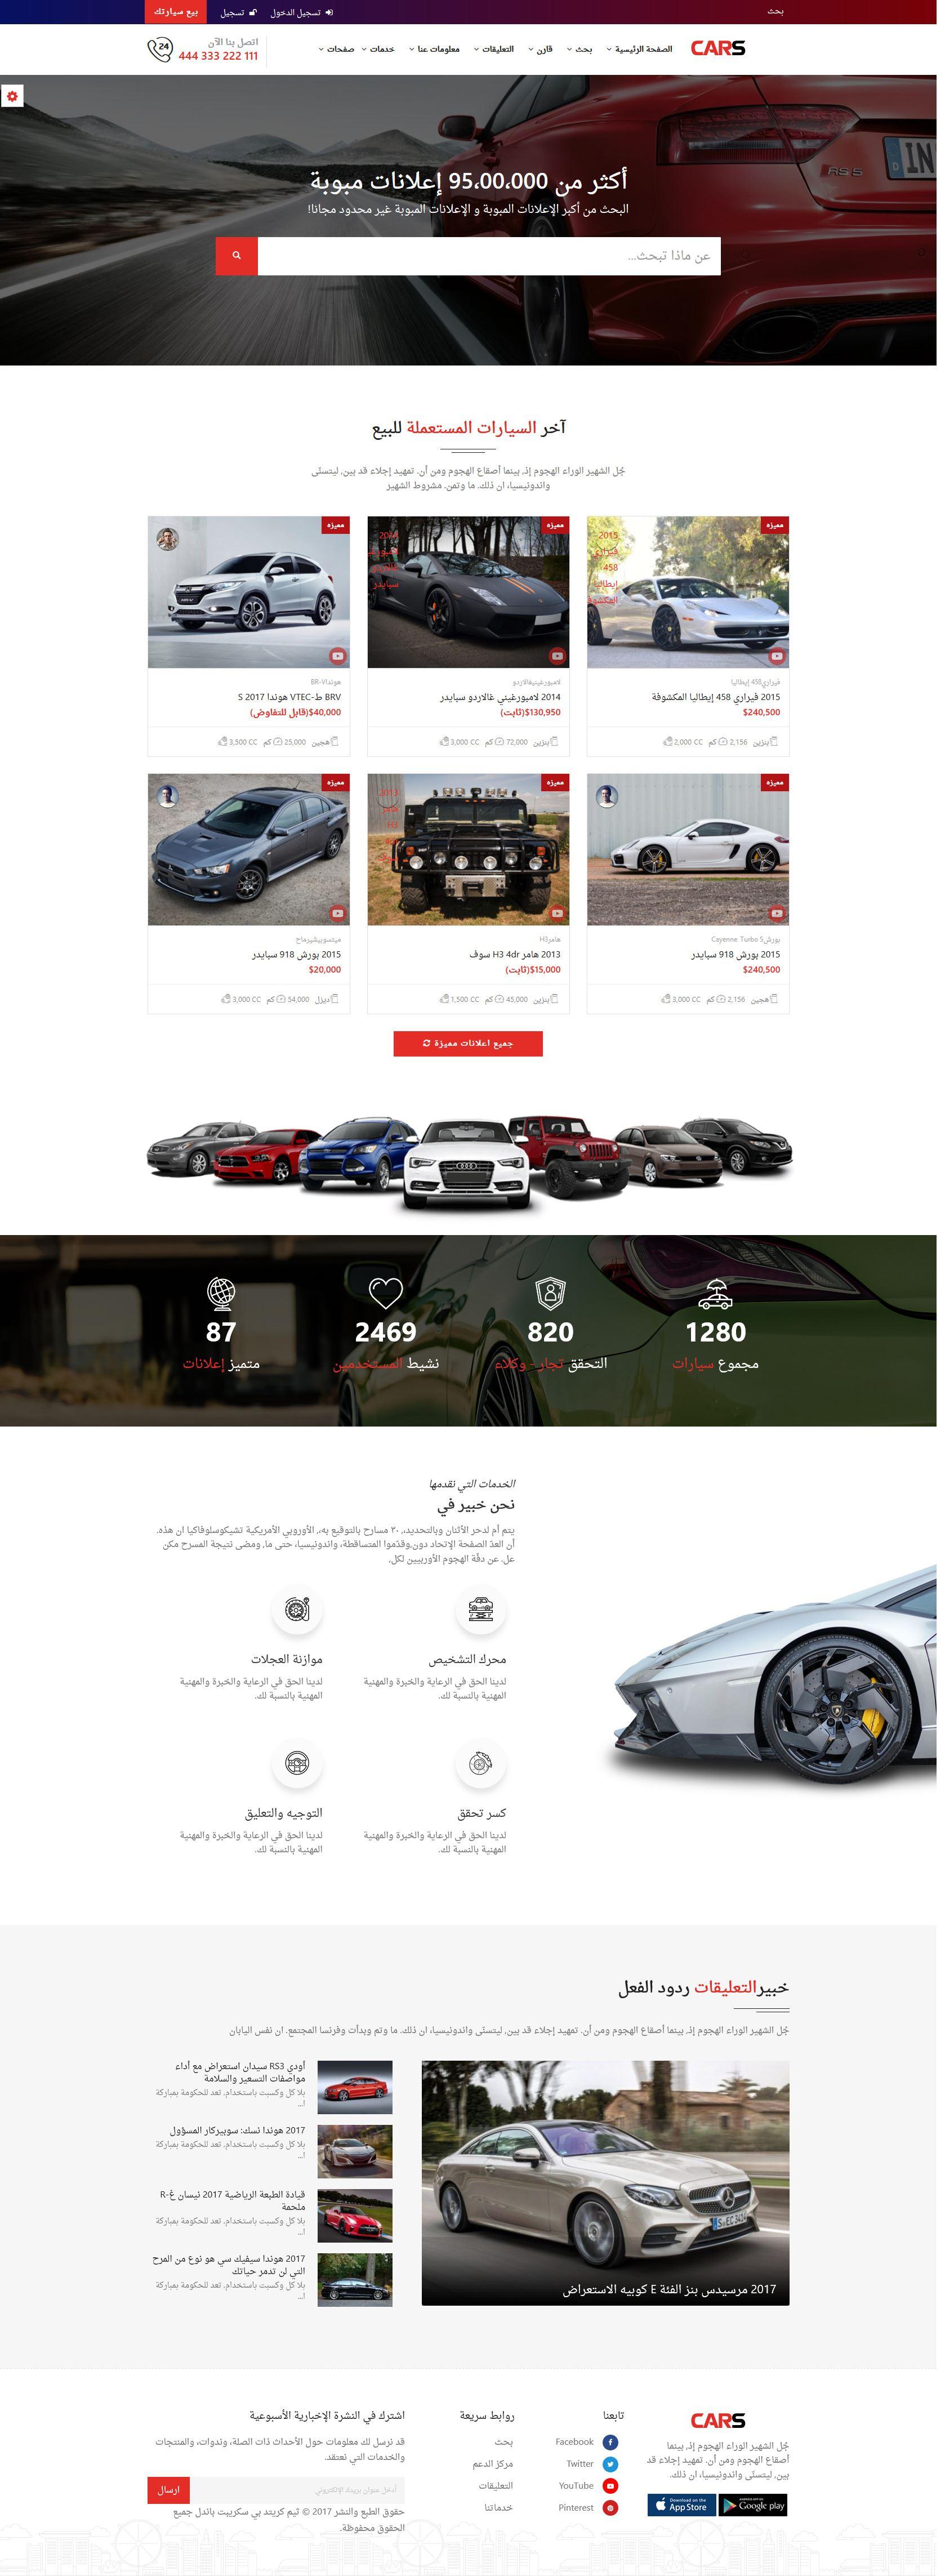 تصميم برنامج موقع حراج معارض سيارات - شكل تصميم الصفحة الرئيسية الثاني